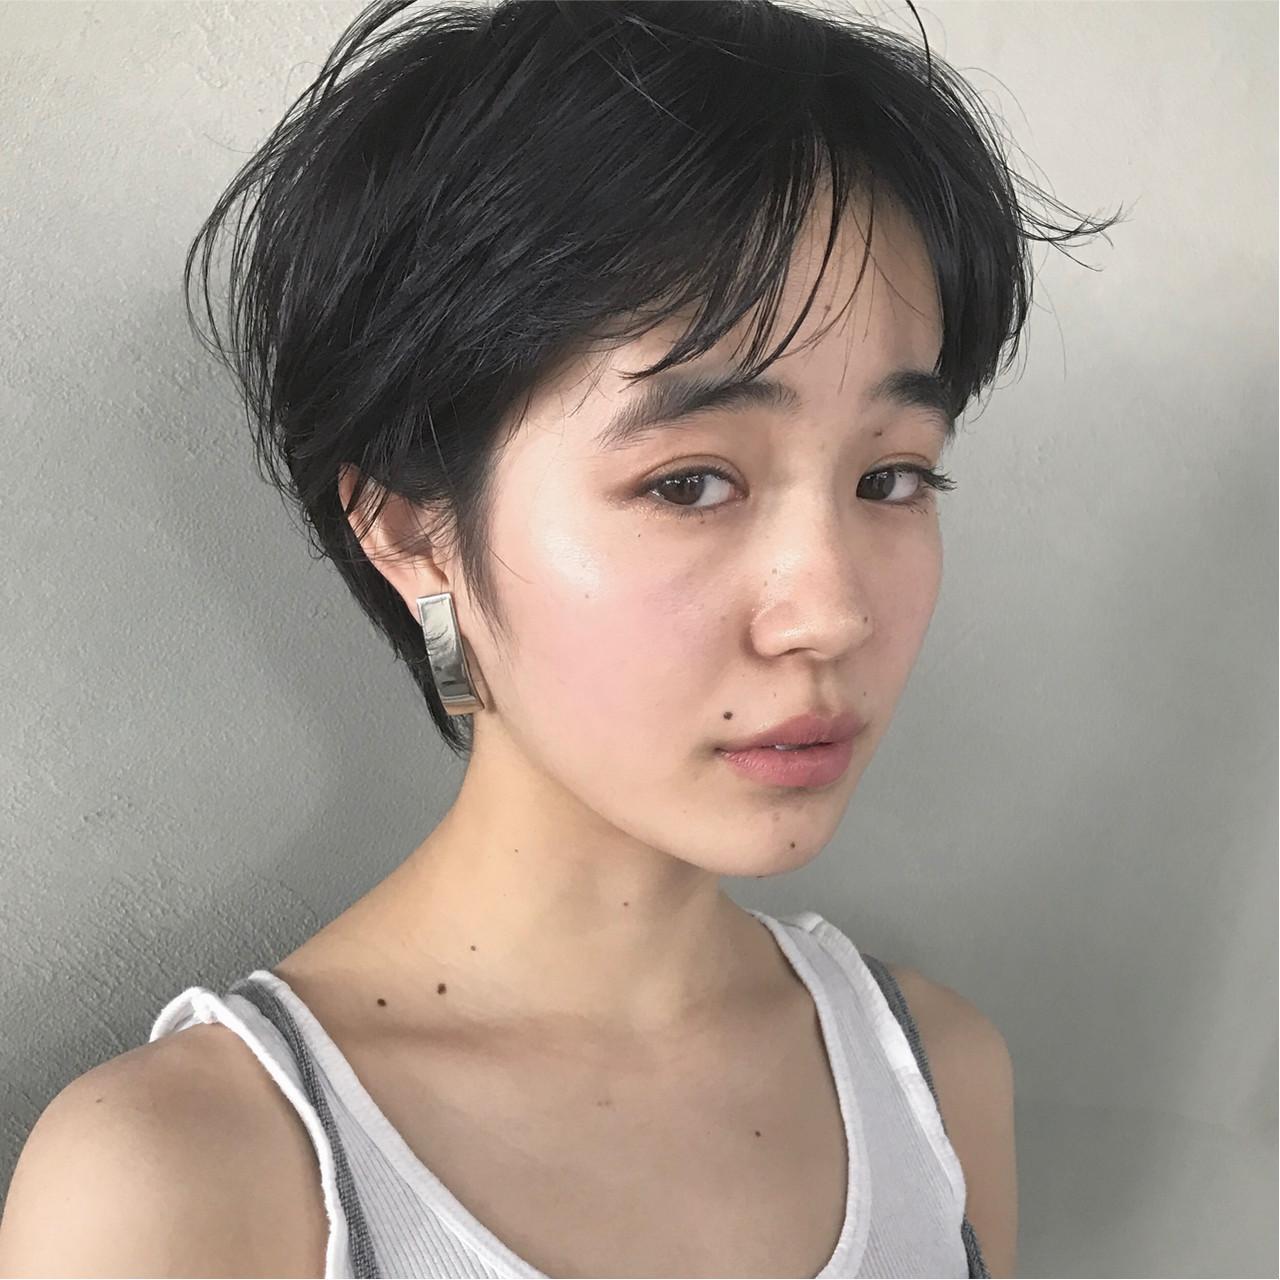 グレーアッシュ ナチュラル ショート マッシュ ヘアスタイルや髪型の写真・画像